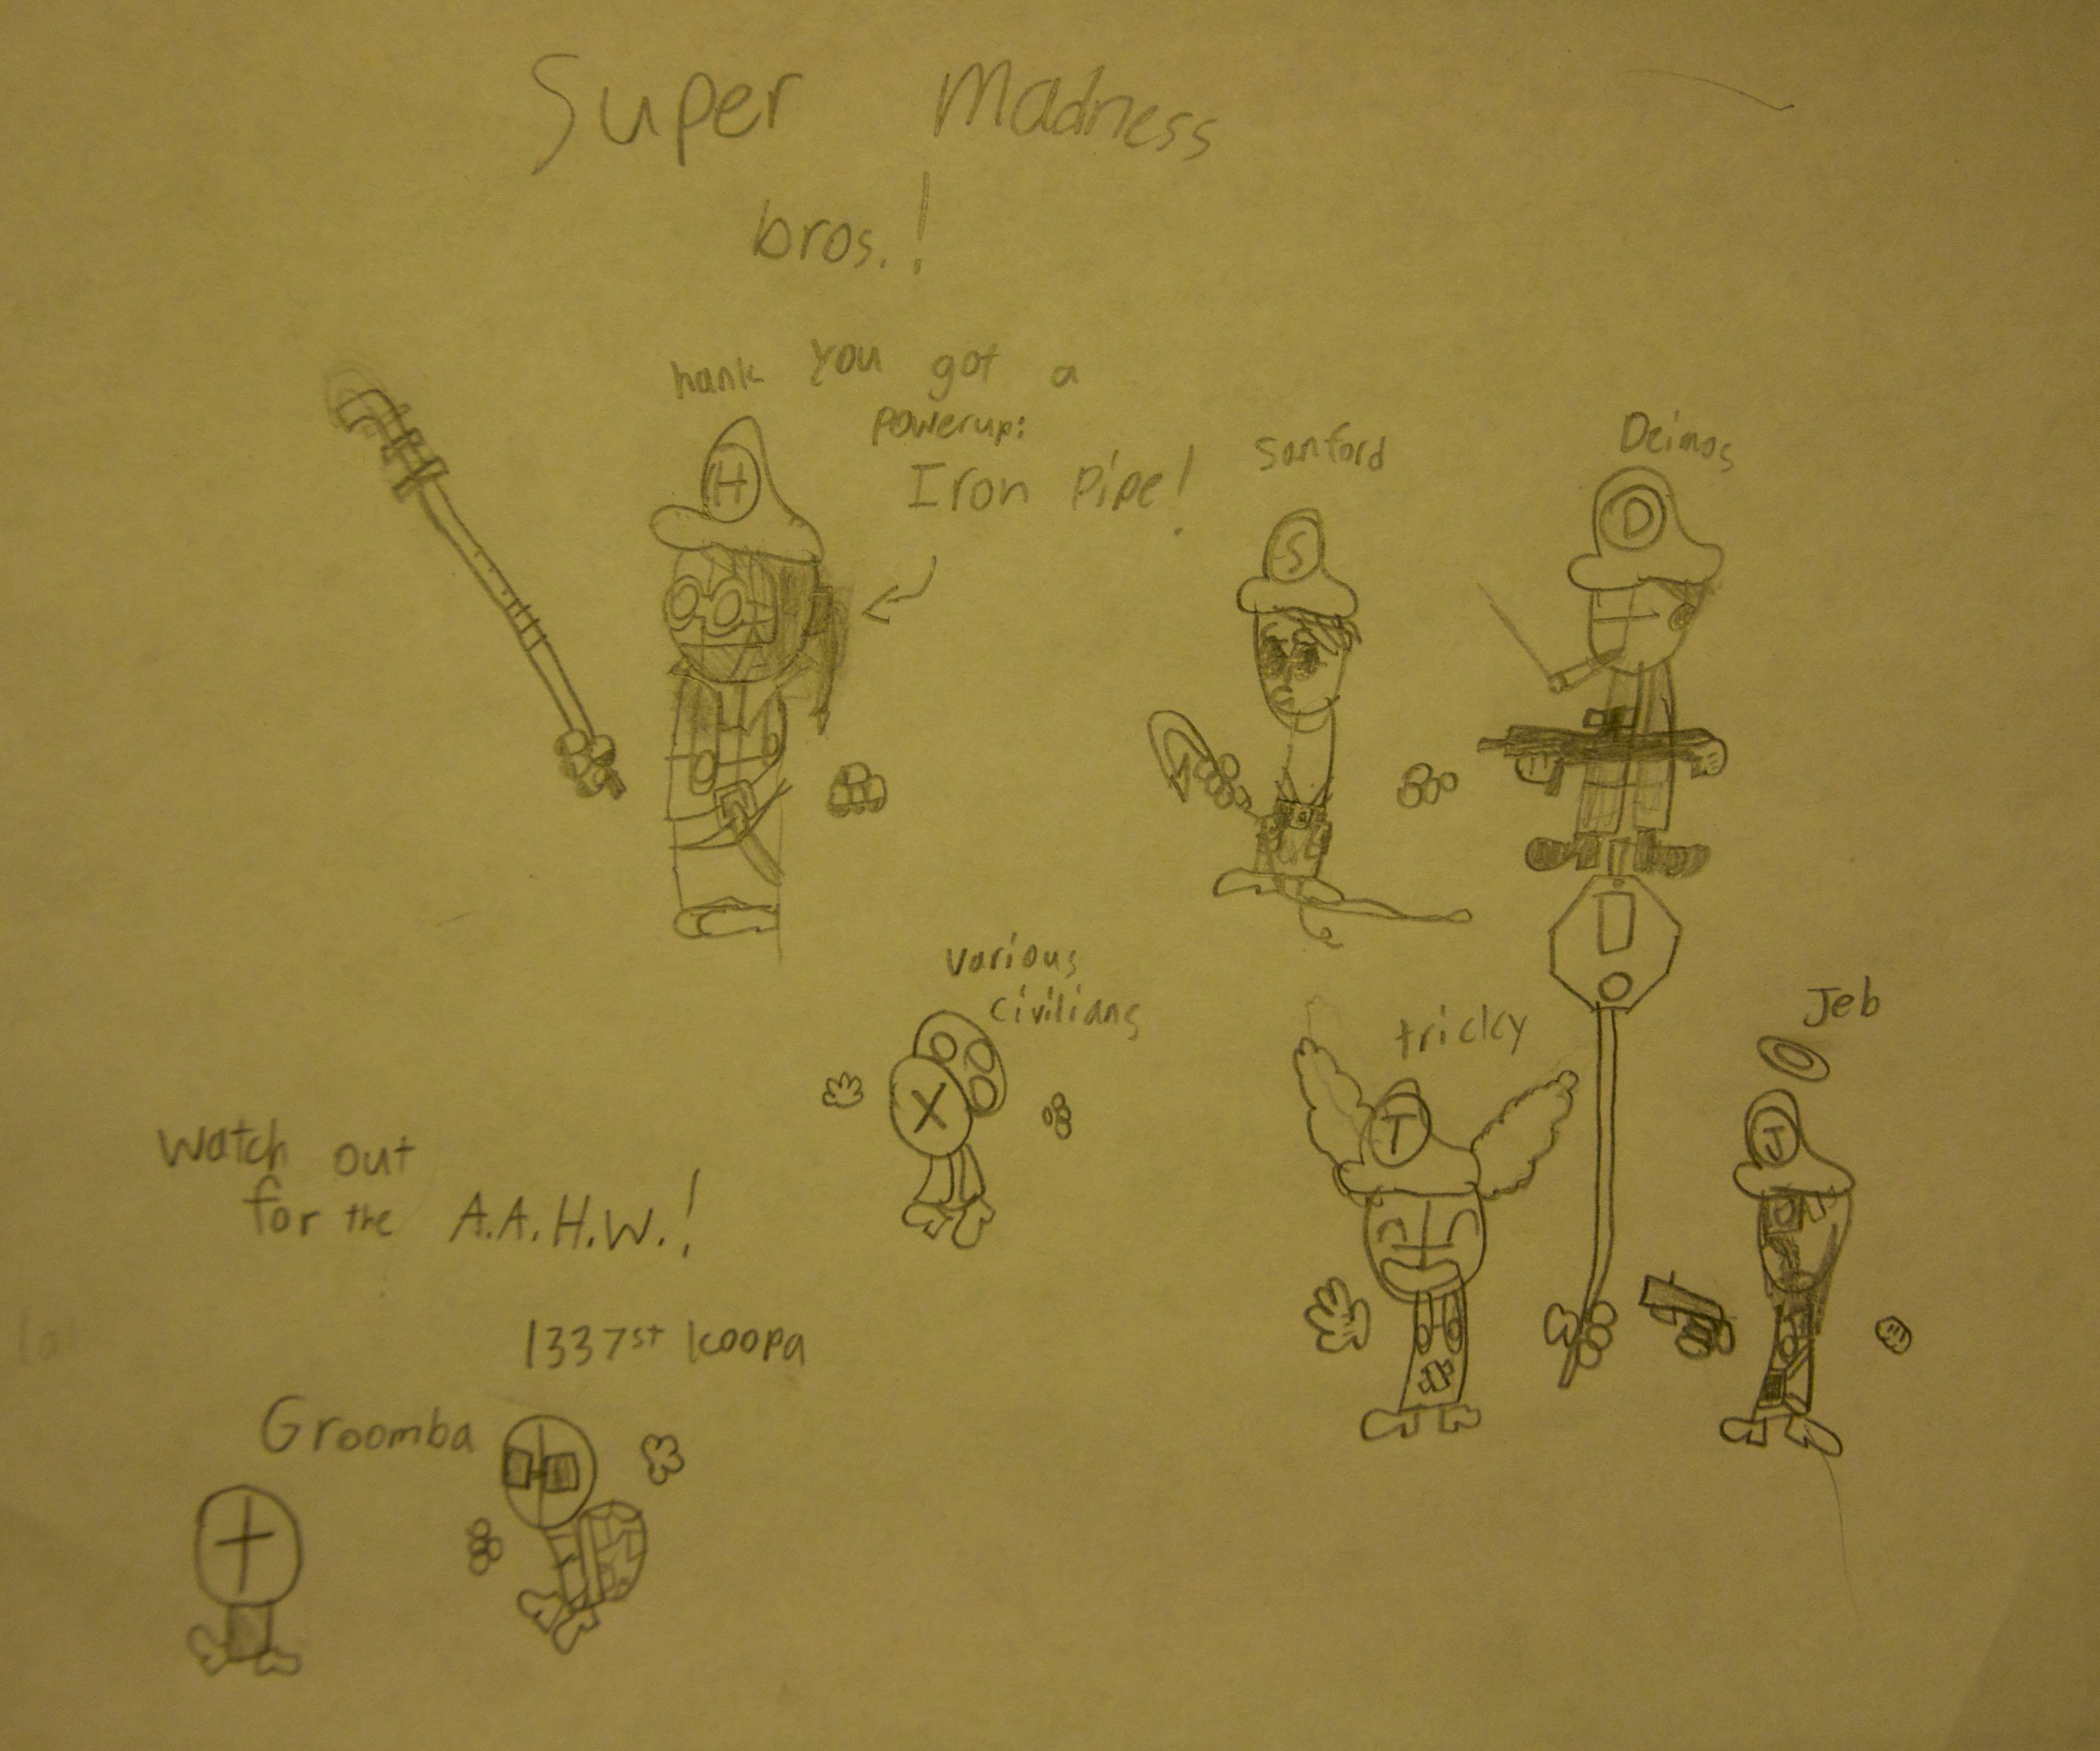 Super Madness Bros.